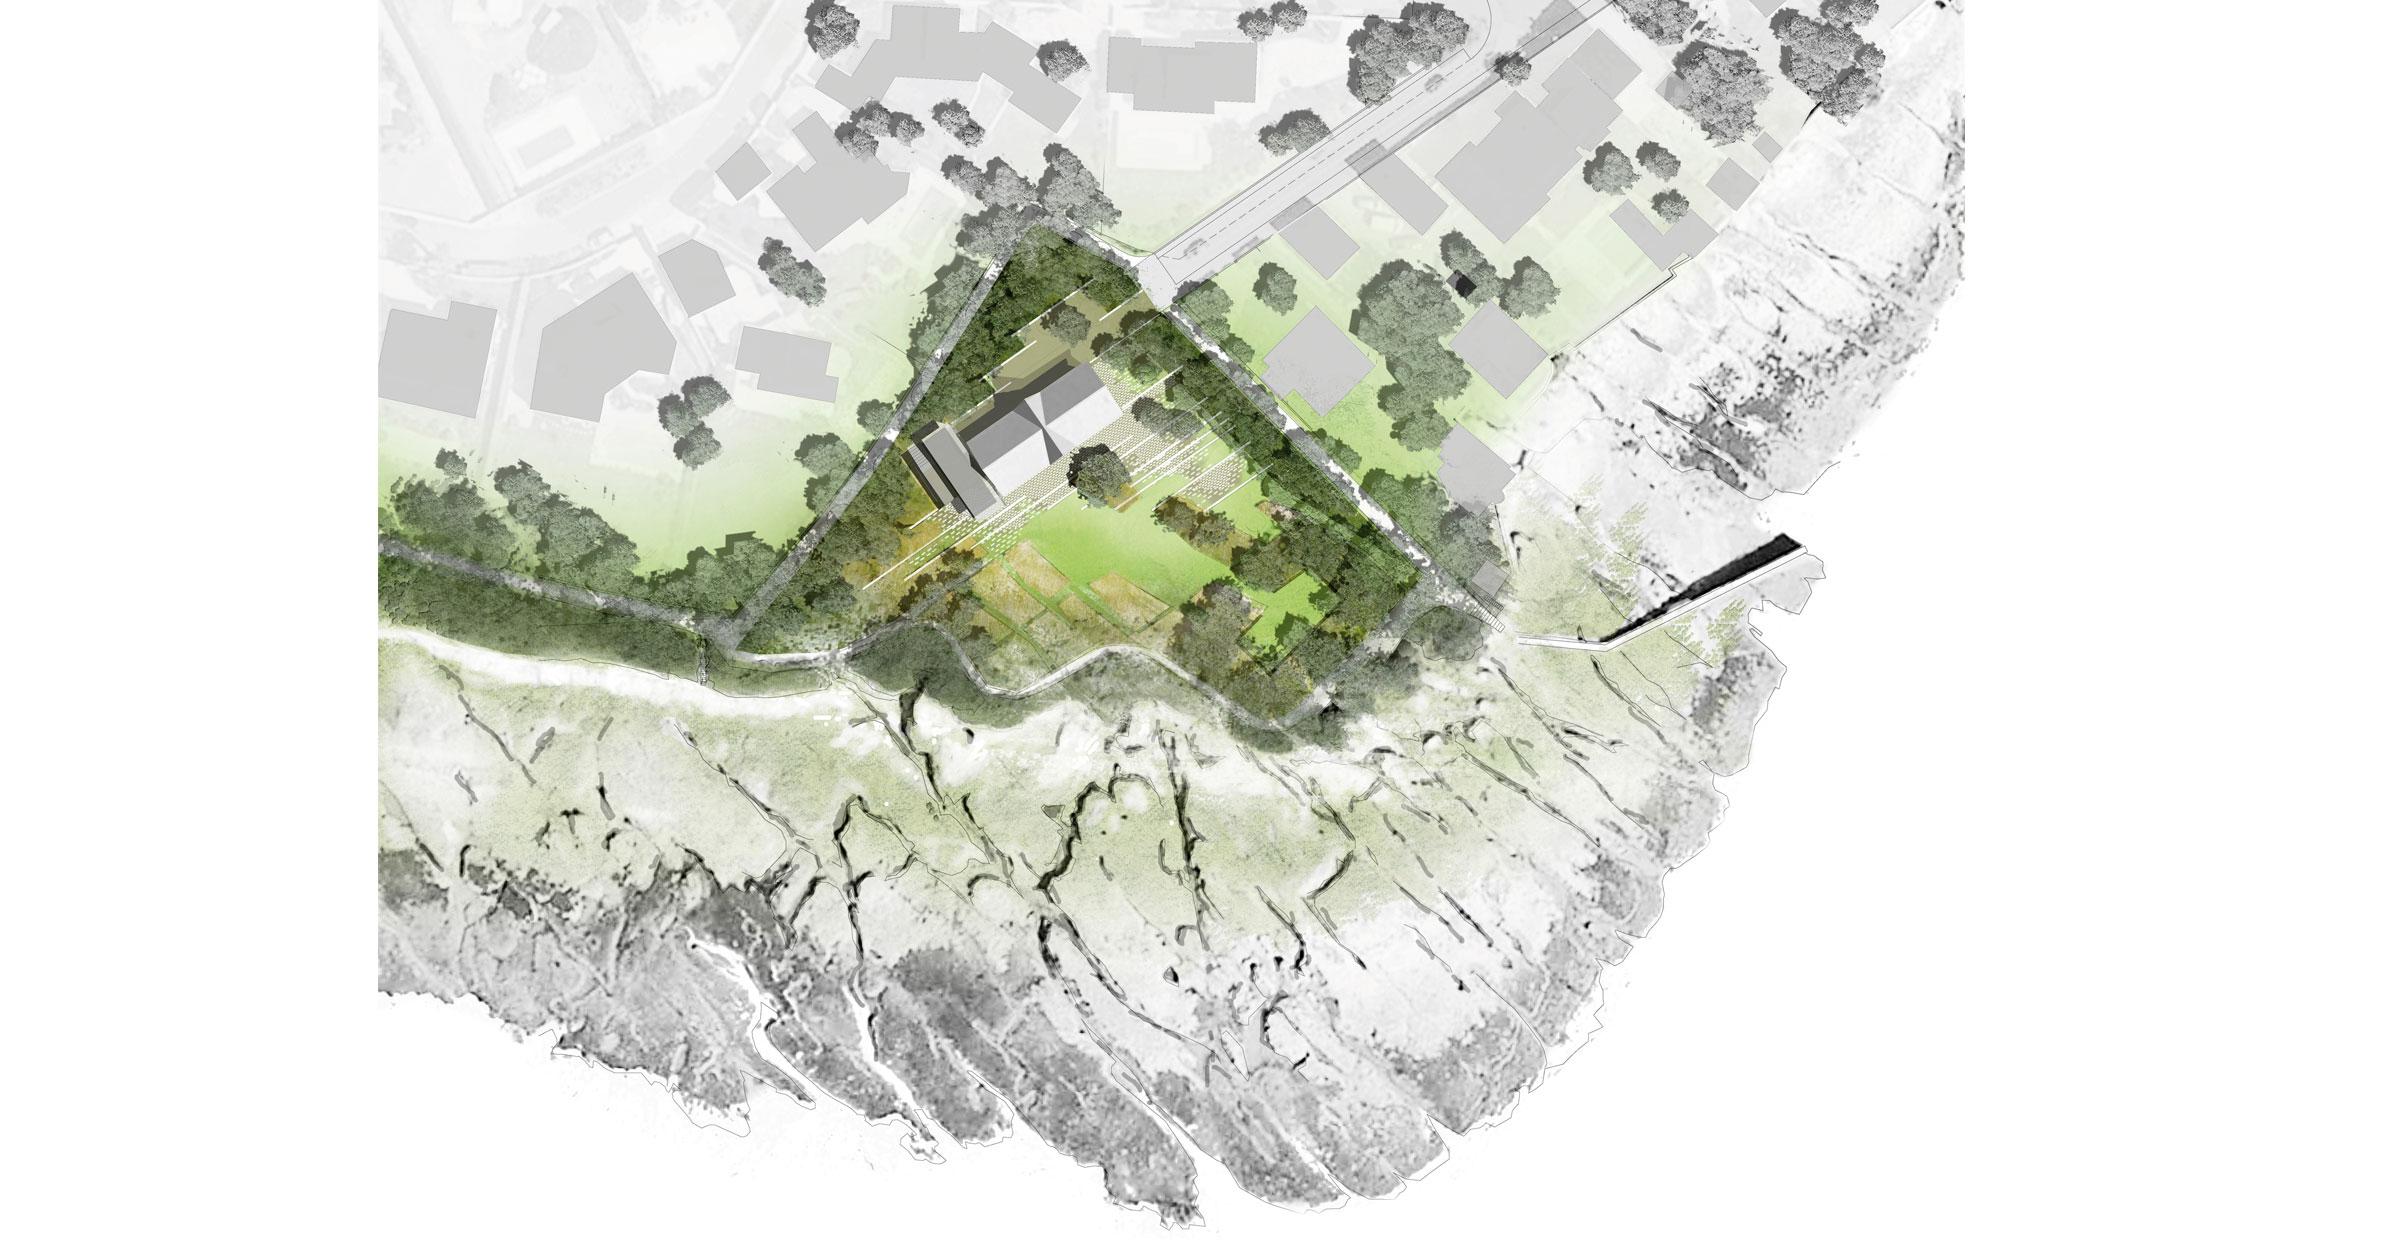 Jardin Atlantique ; Saint-Palais-sur-Mer ; FORR - PAYSAGE | URBANISME ; FORR paysagiste